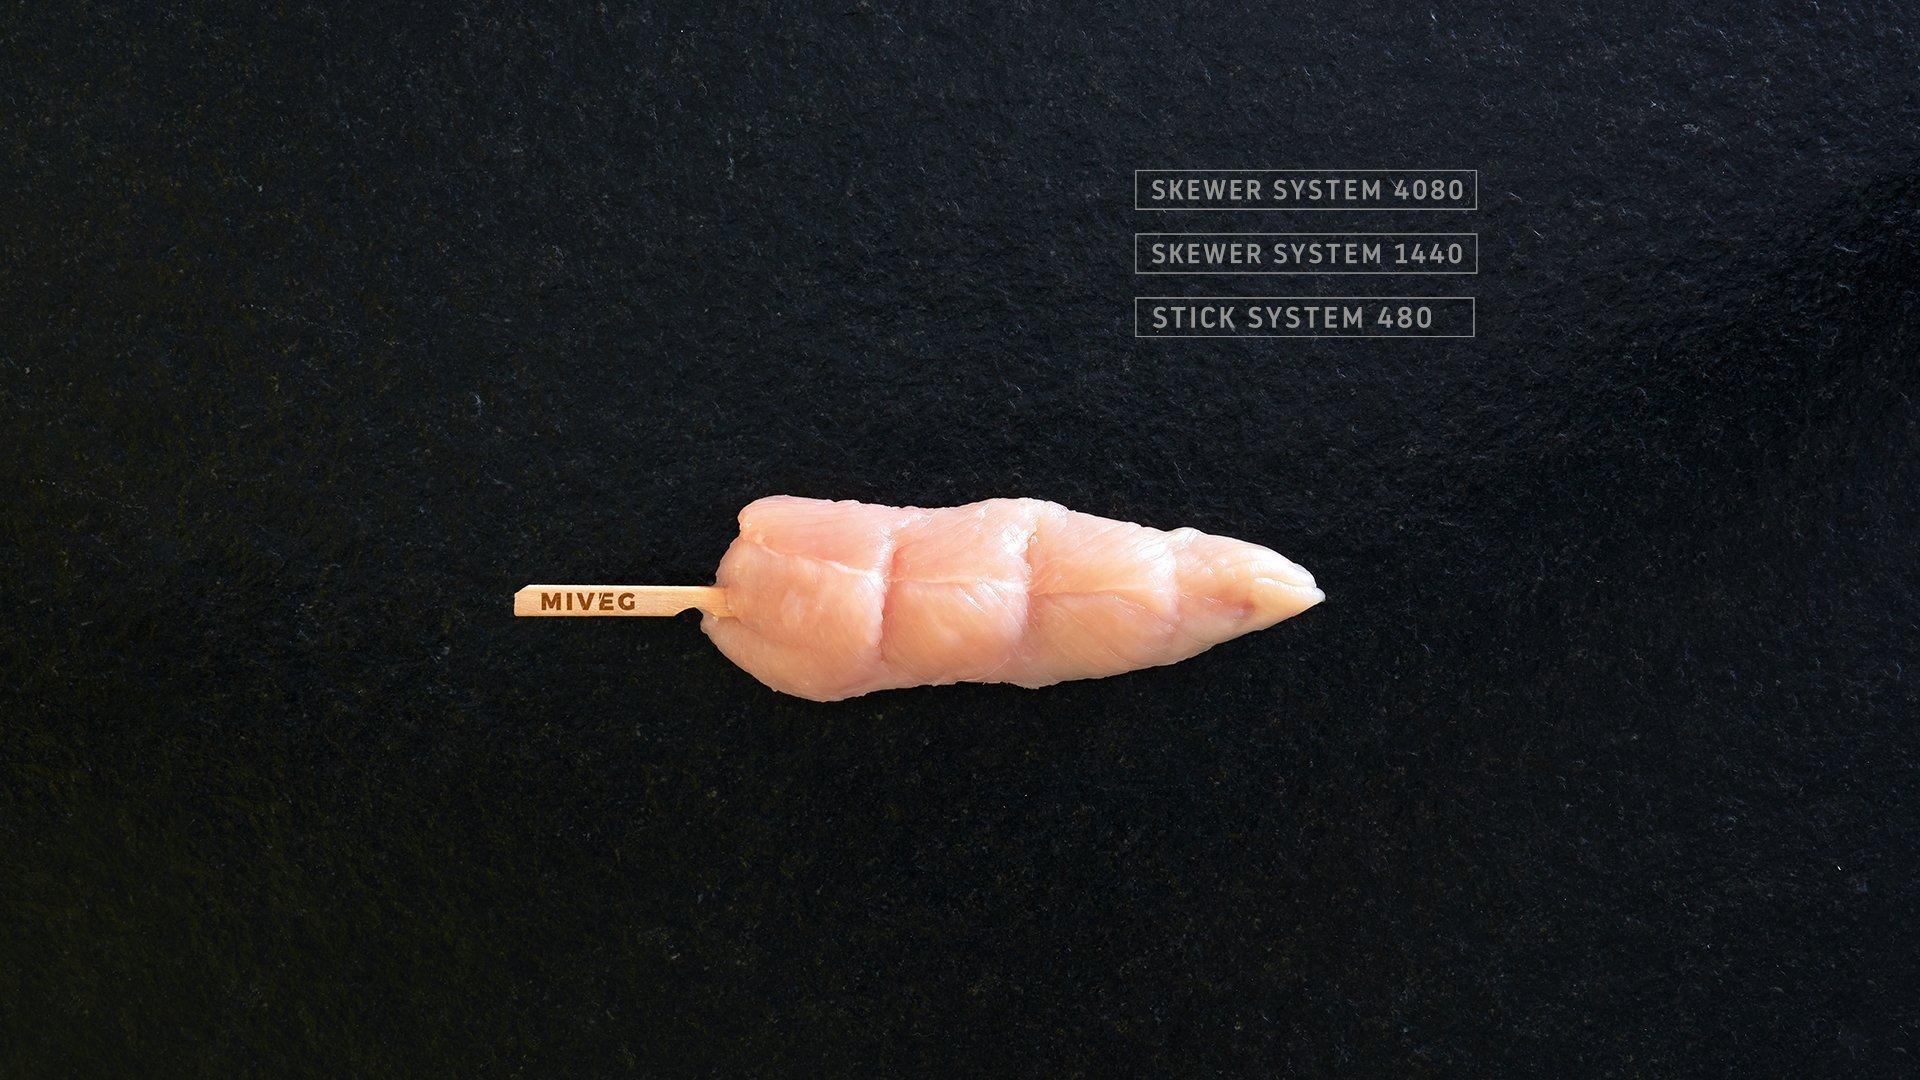 Miveg Skewer Systems · Hähnchenspieß, Flachspieß · Chicken tender skewer · Flat skewer